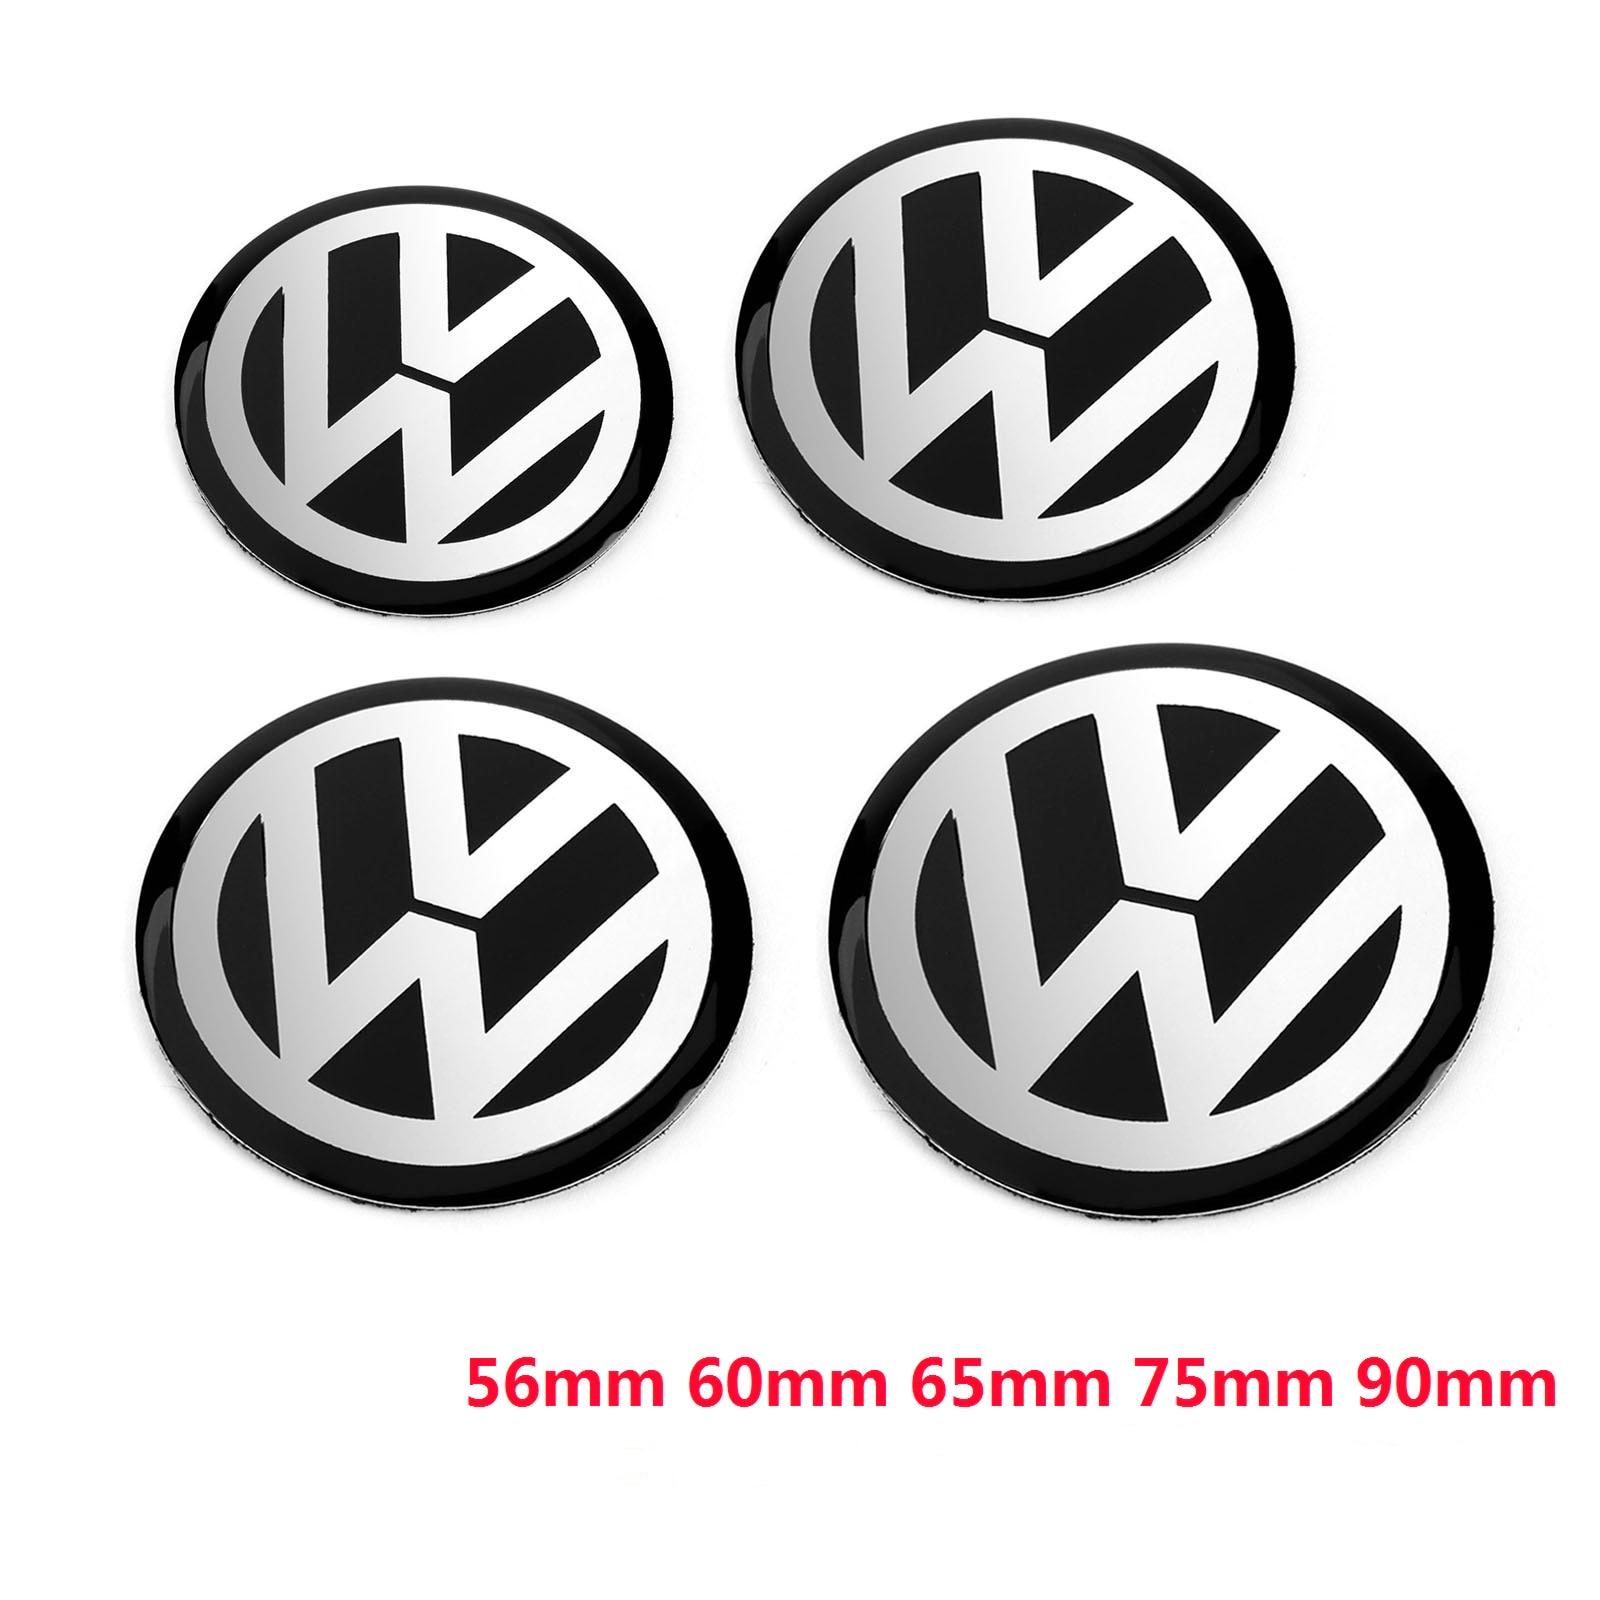 Tapacubos de coche negros de 56mm 60mm 65mm 75mm 90mm 4 Uds., tapacubos de rueda Centro de rueda emblema de Logo de insignia rueda de pegatina de estilo para VW